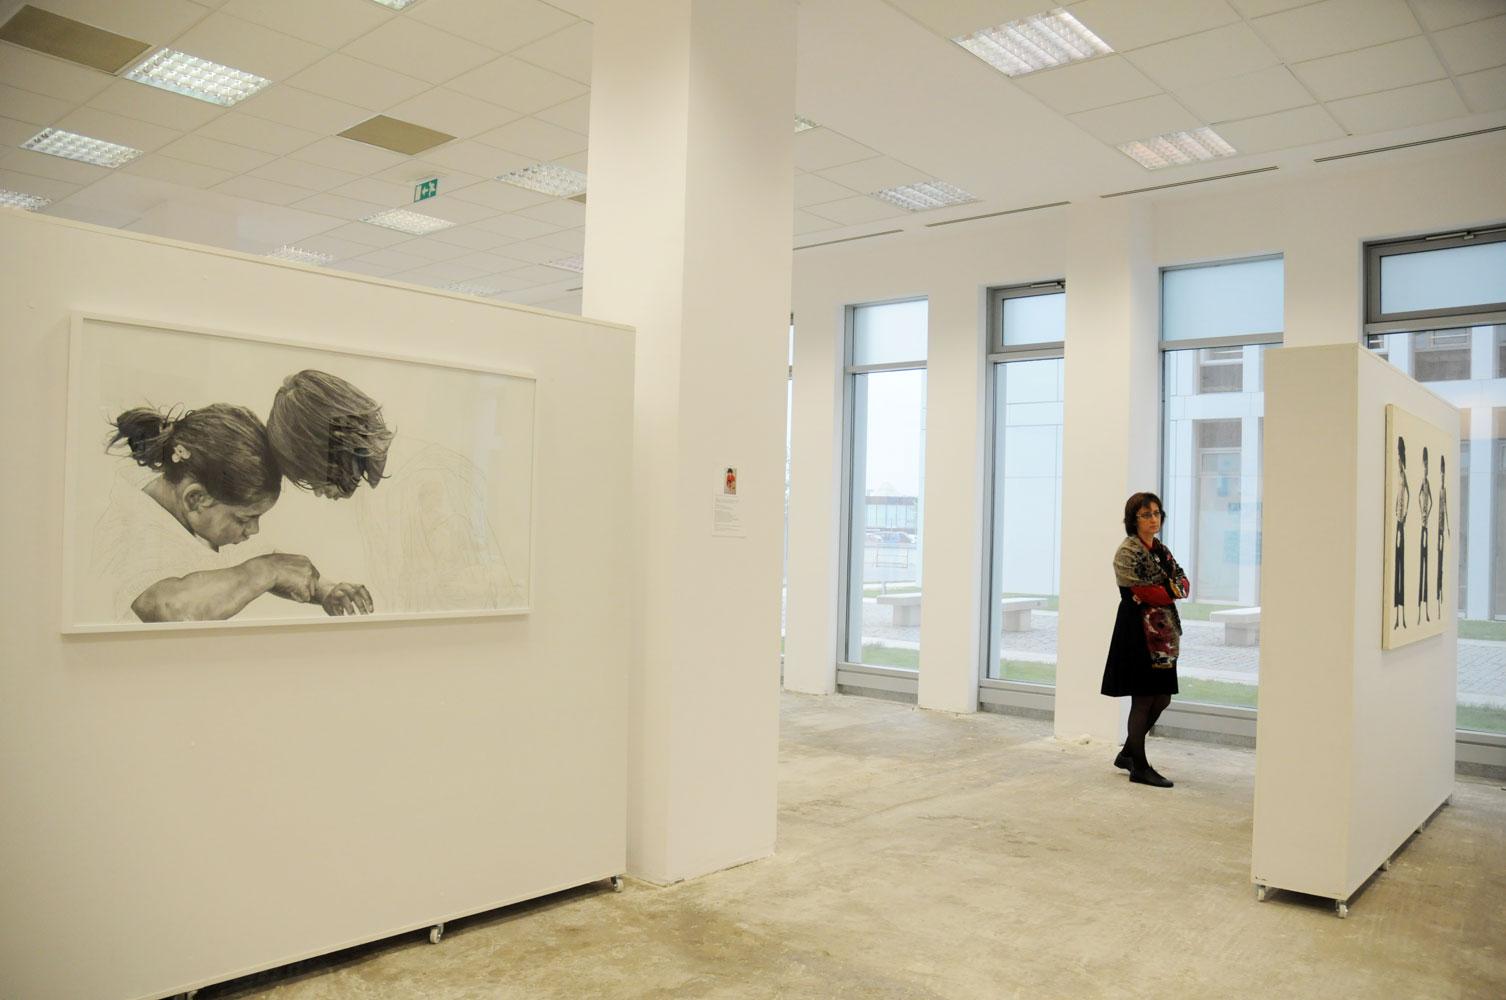 Daniel Brici, solo show Copiii care nu se vad @ Nasui collection & gallery Bucuresti (8)